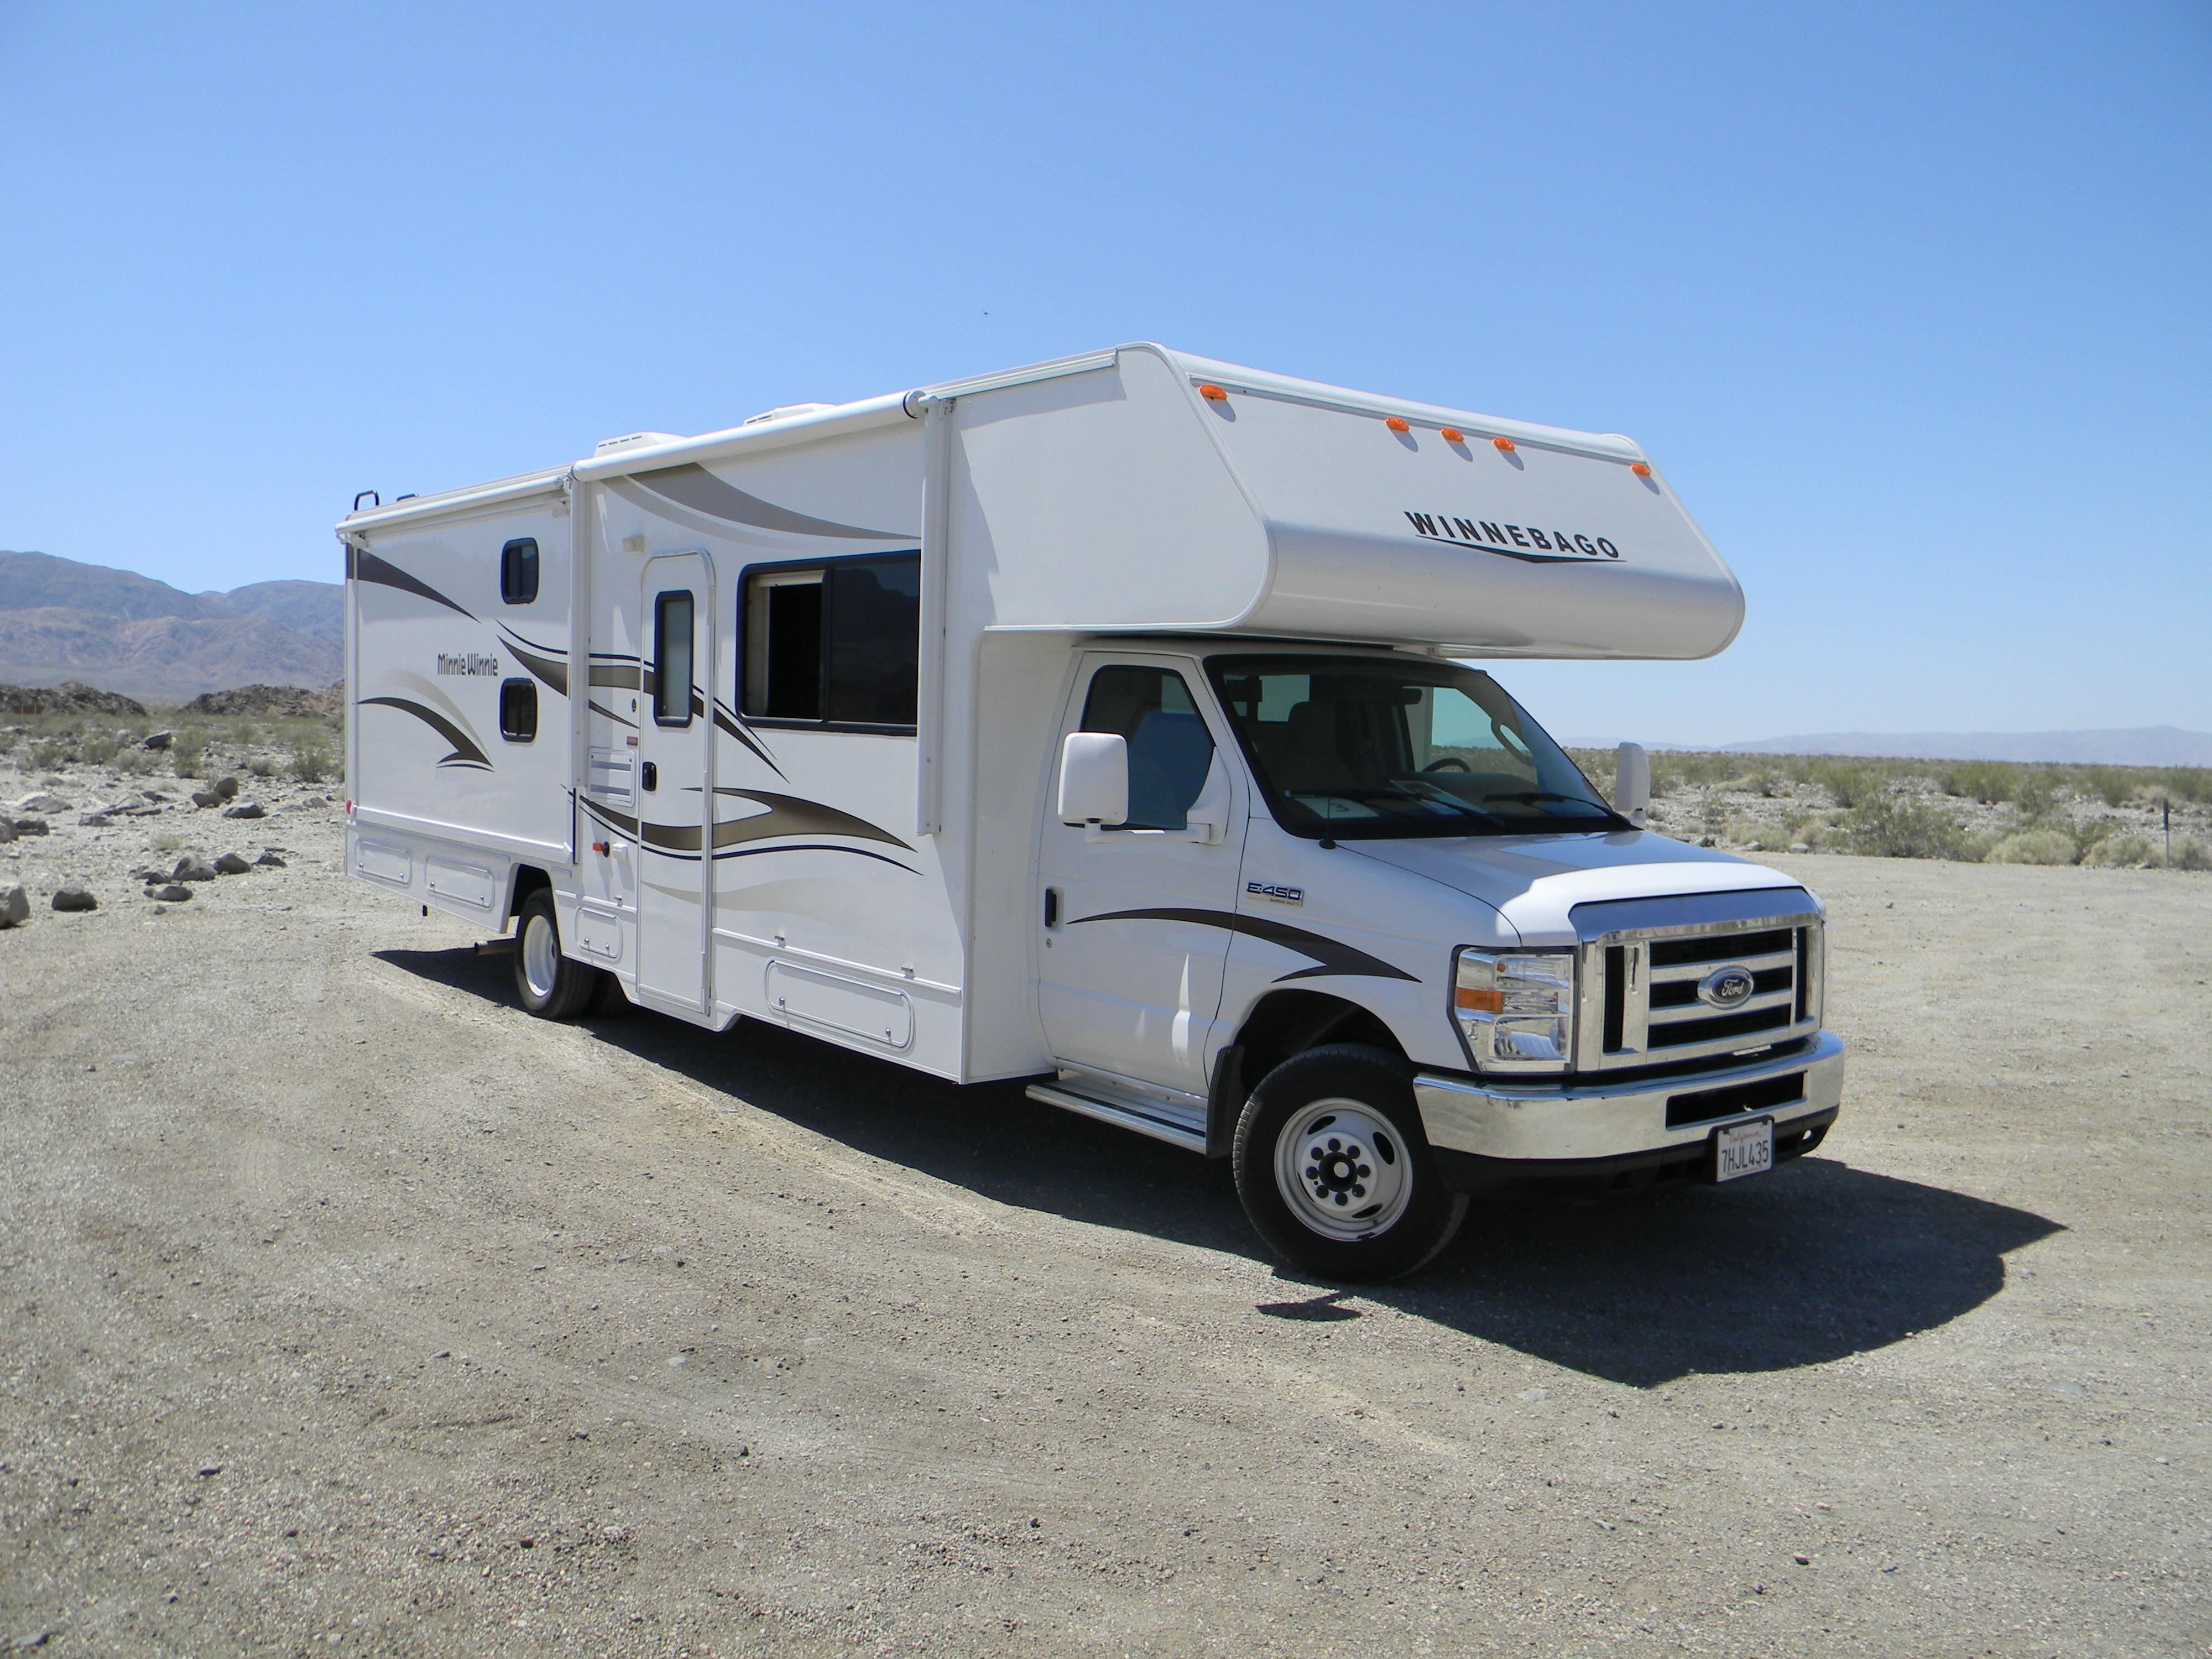 Wohnmobil im Death Valley National Park